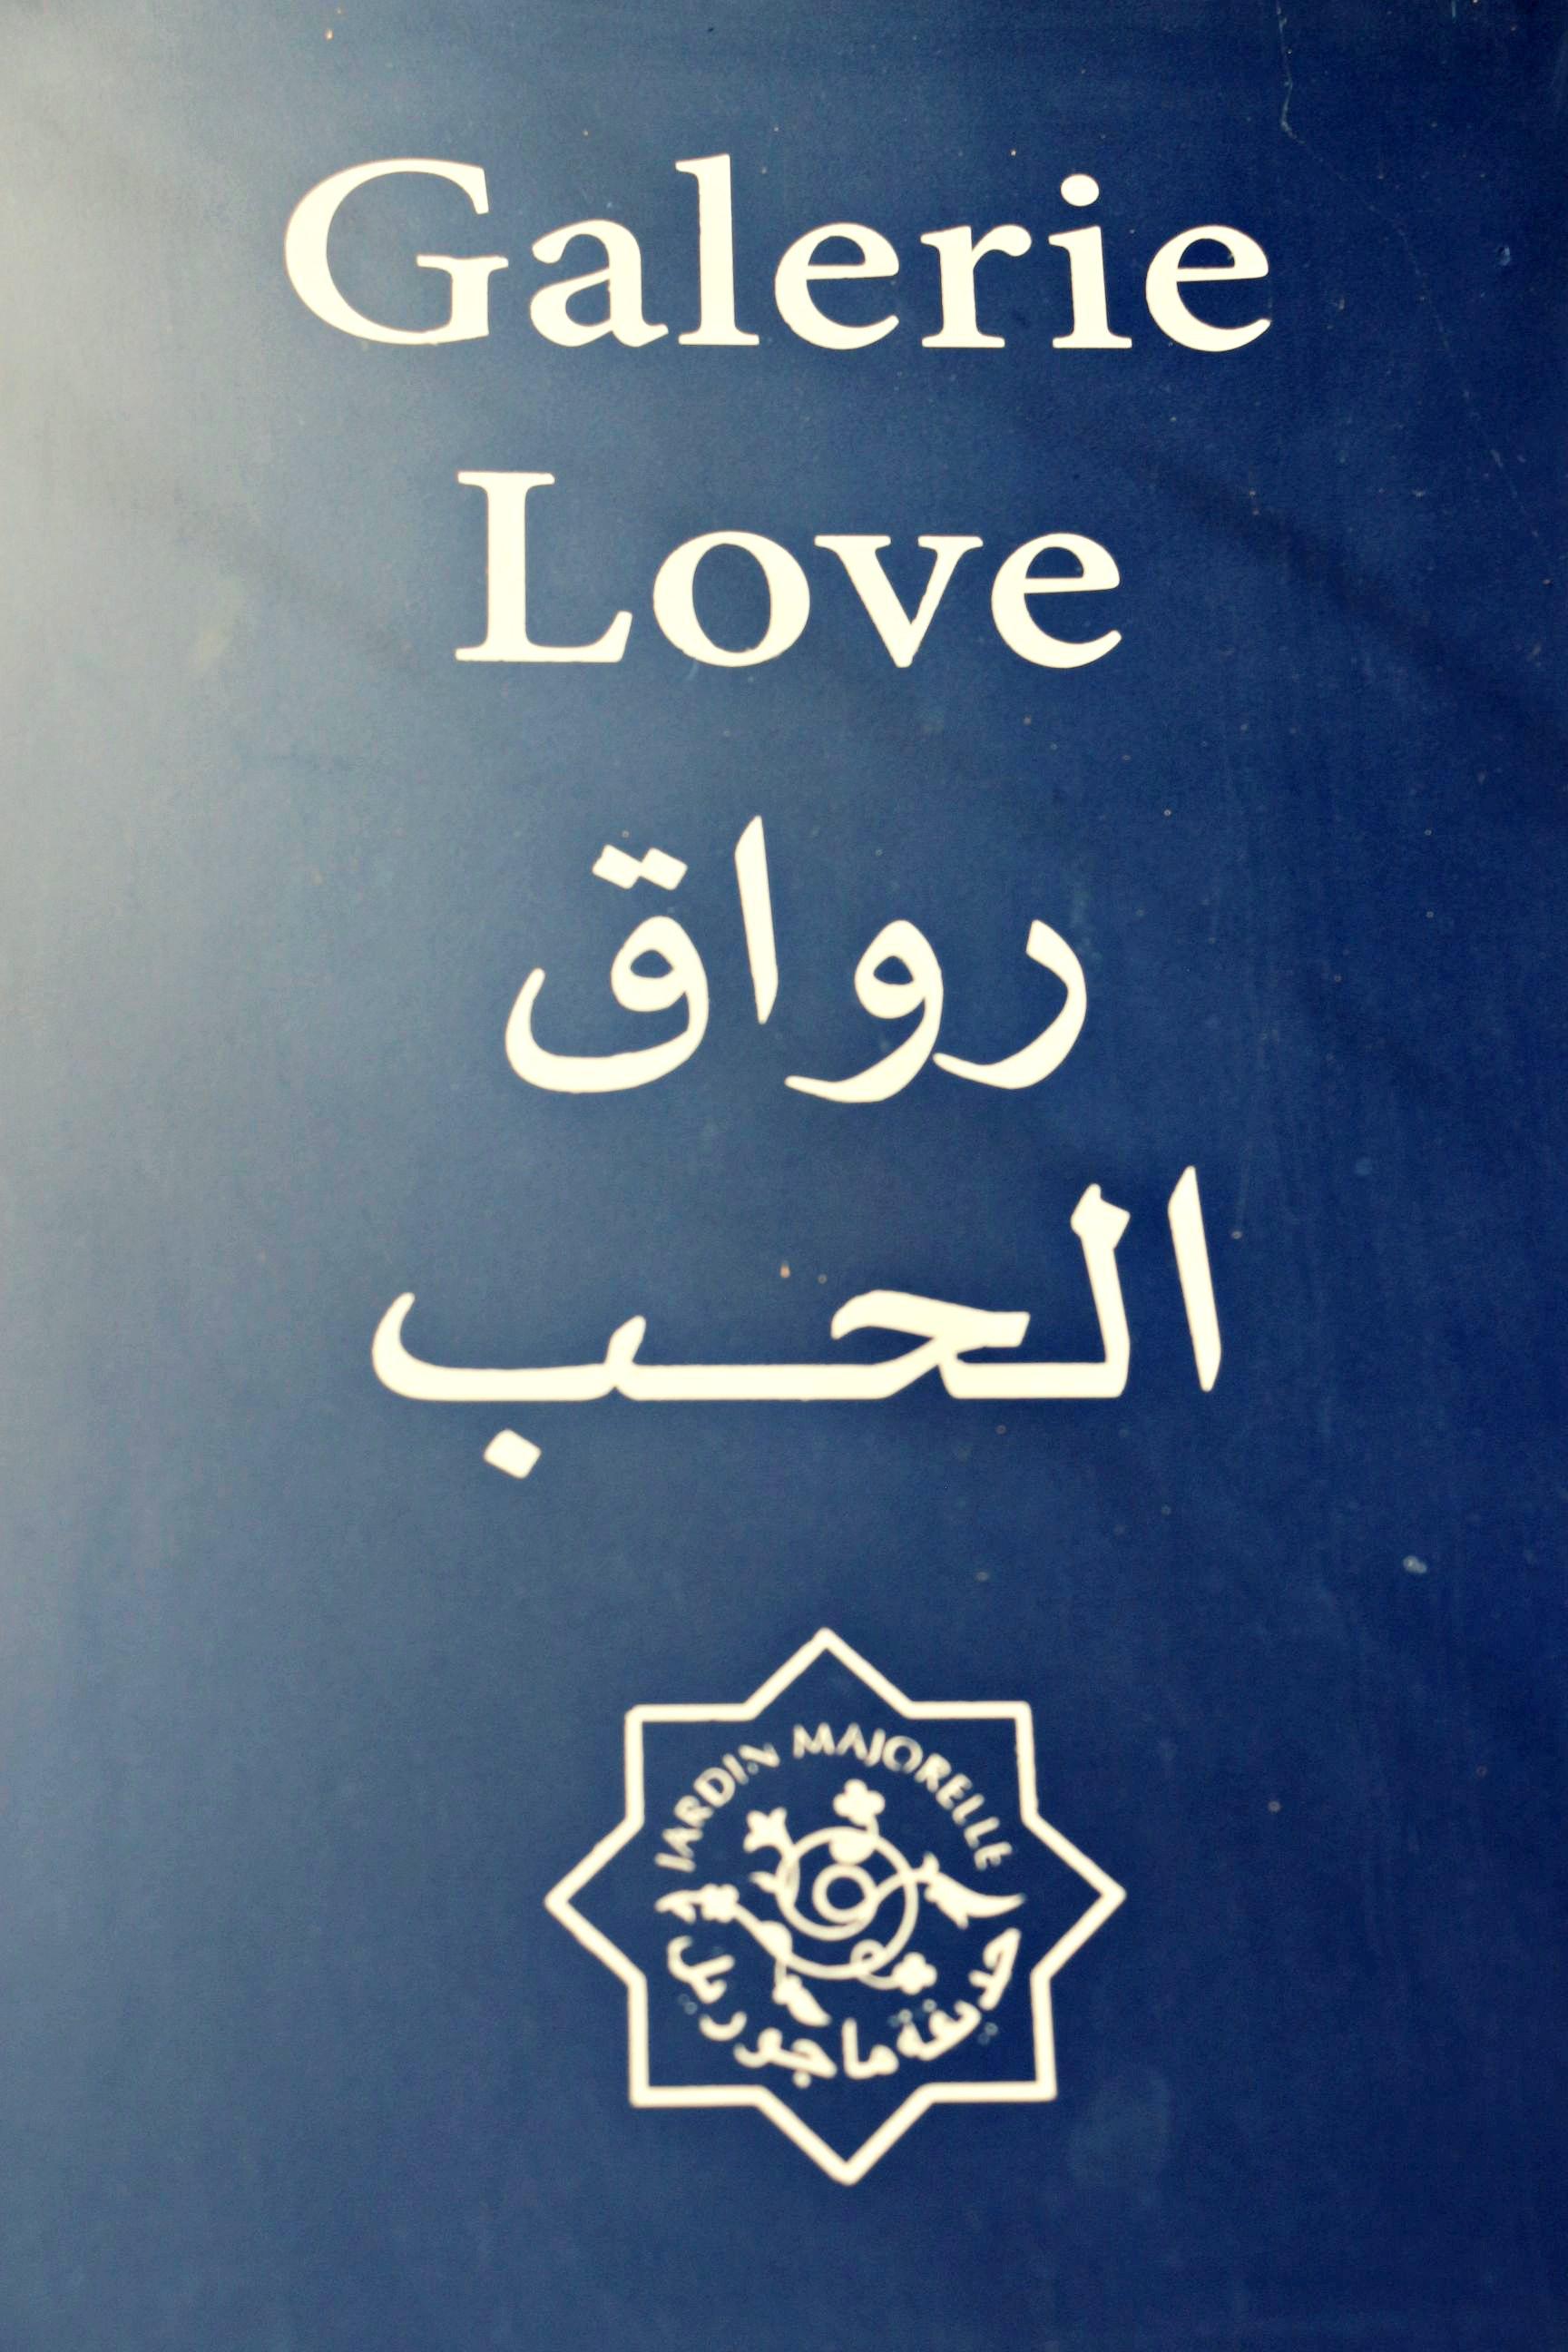 Love Galerie im Jardin Majorelle